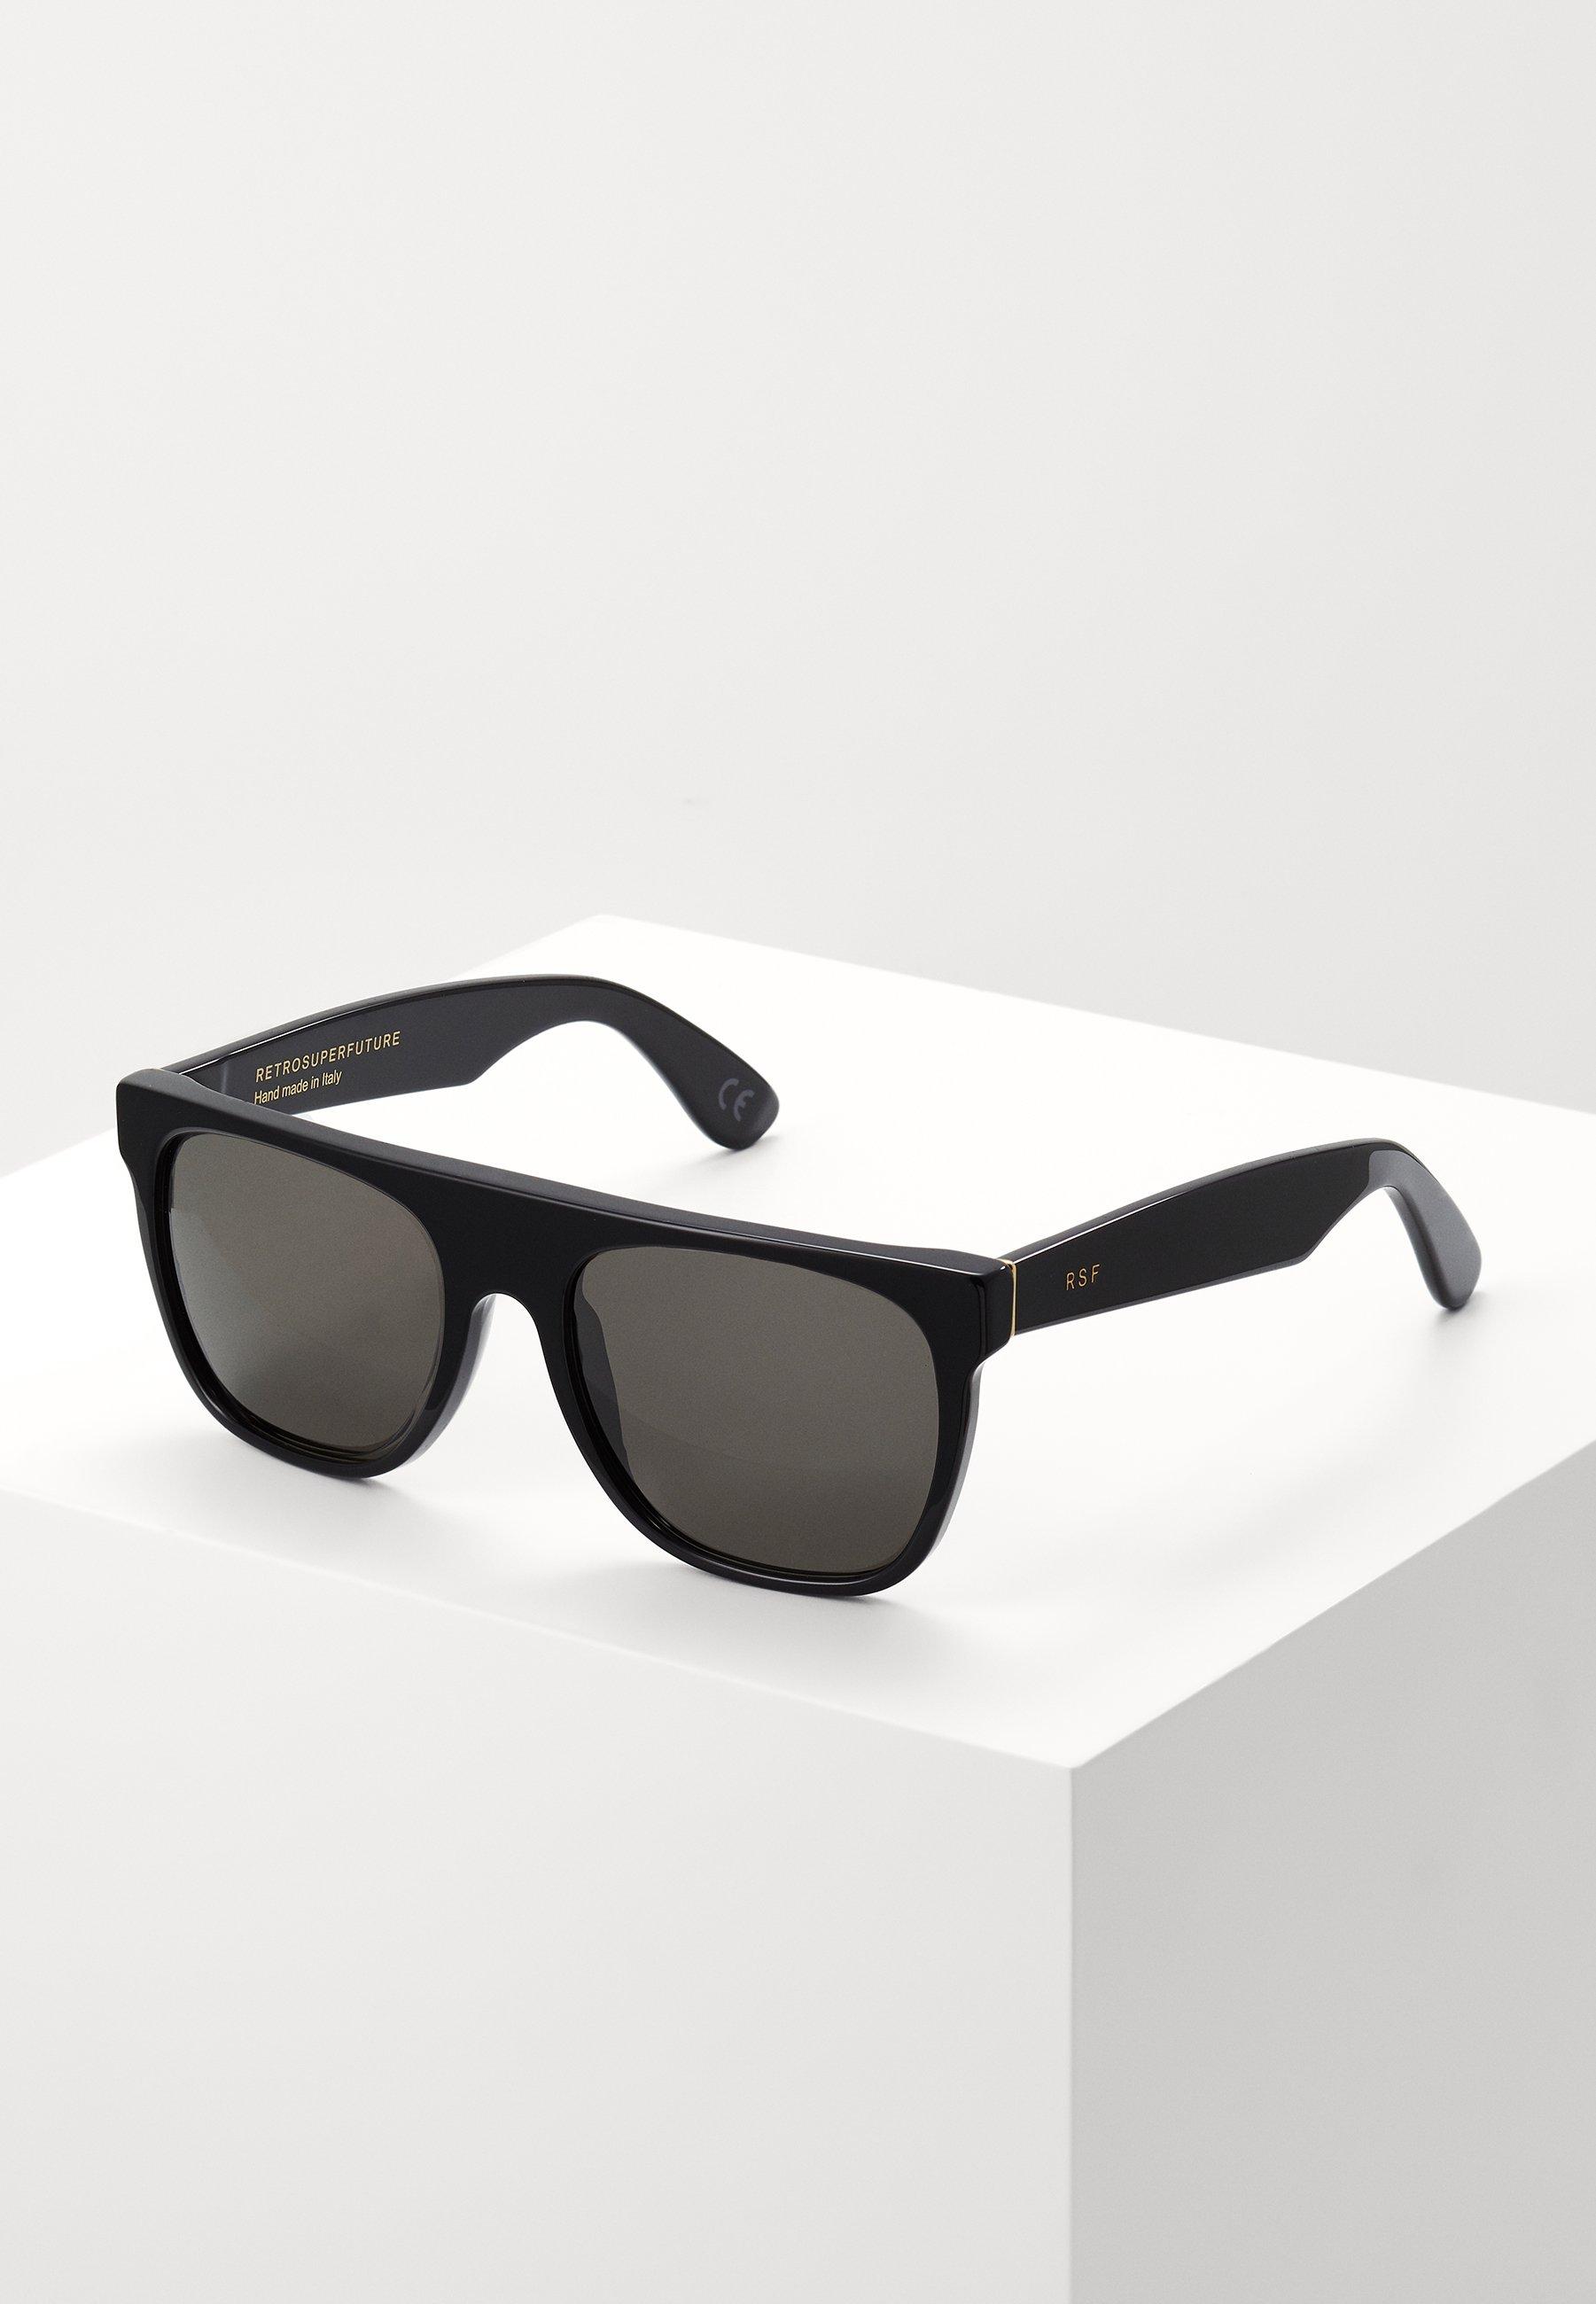 Especial RETROSUPERFUTURE FLAT TOP  - Gafas de sol - black | Complementos de hombre 2020 Pf206